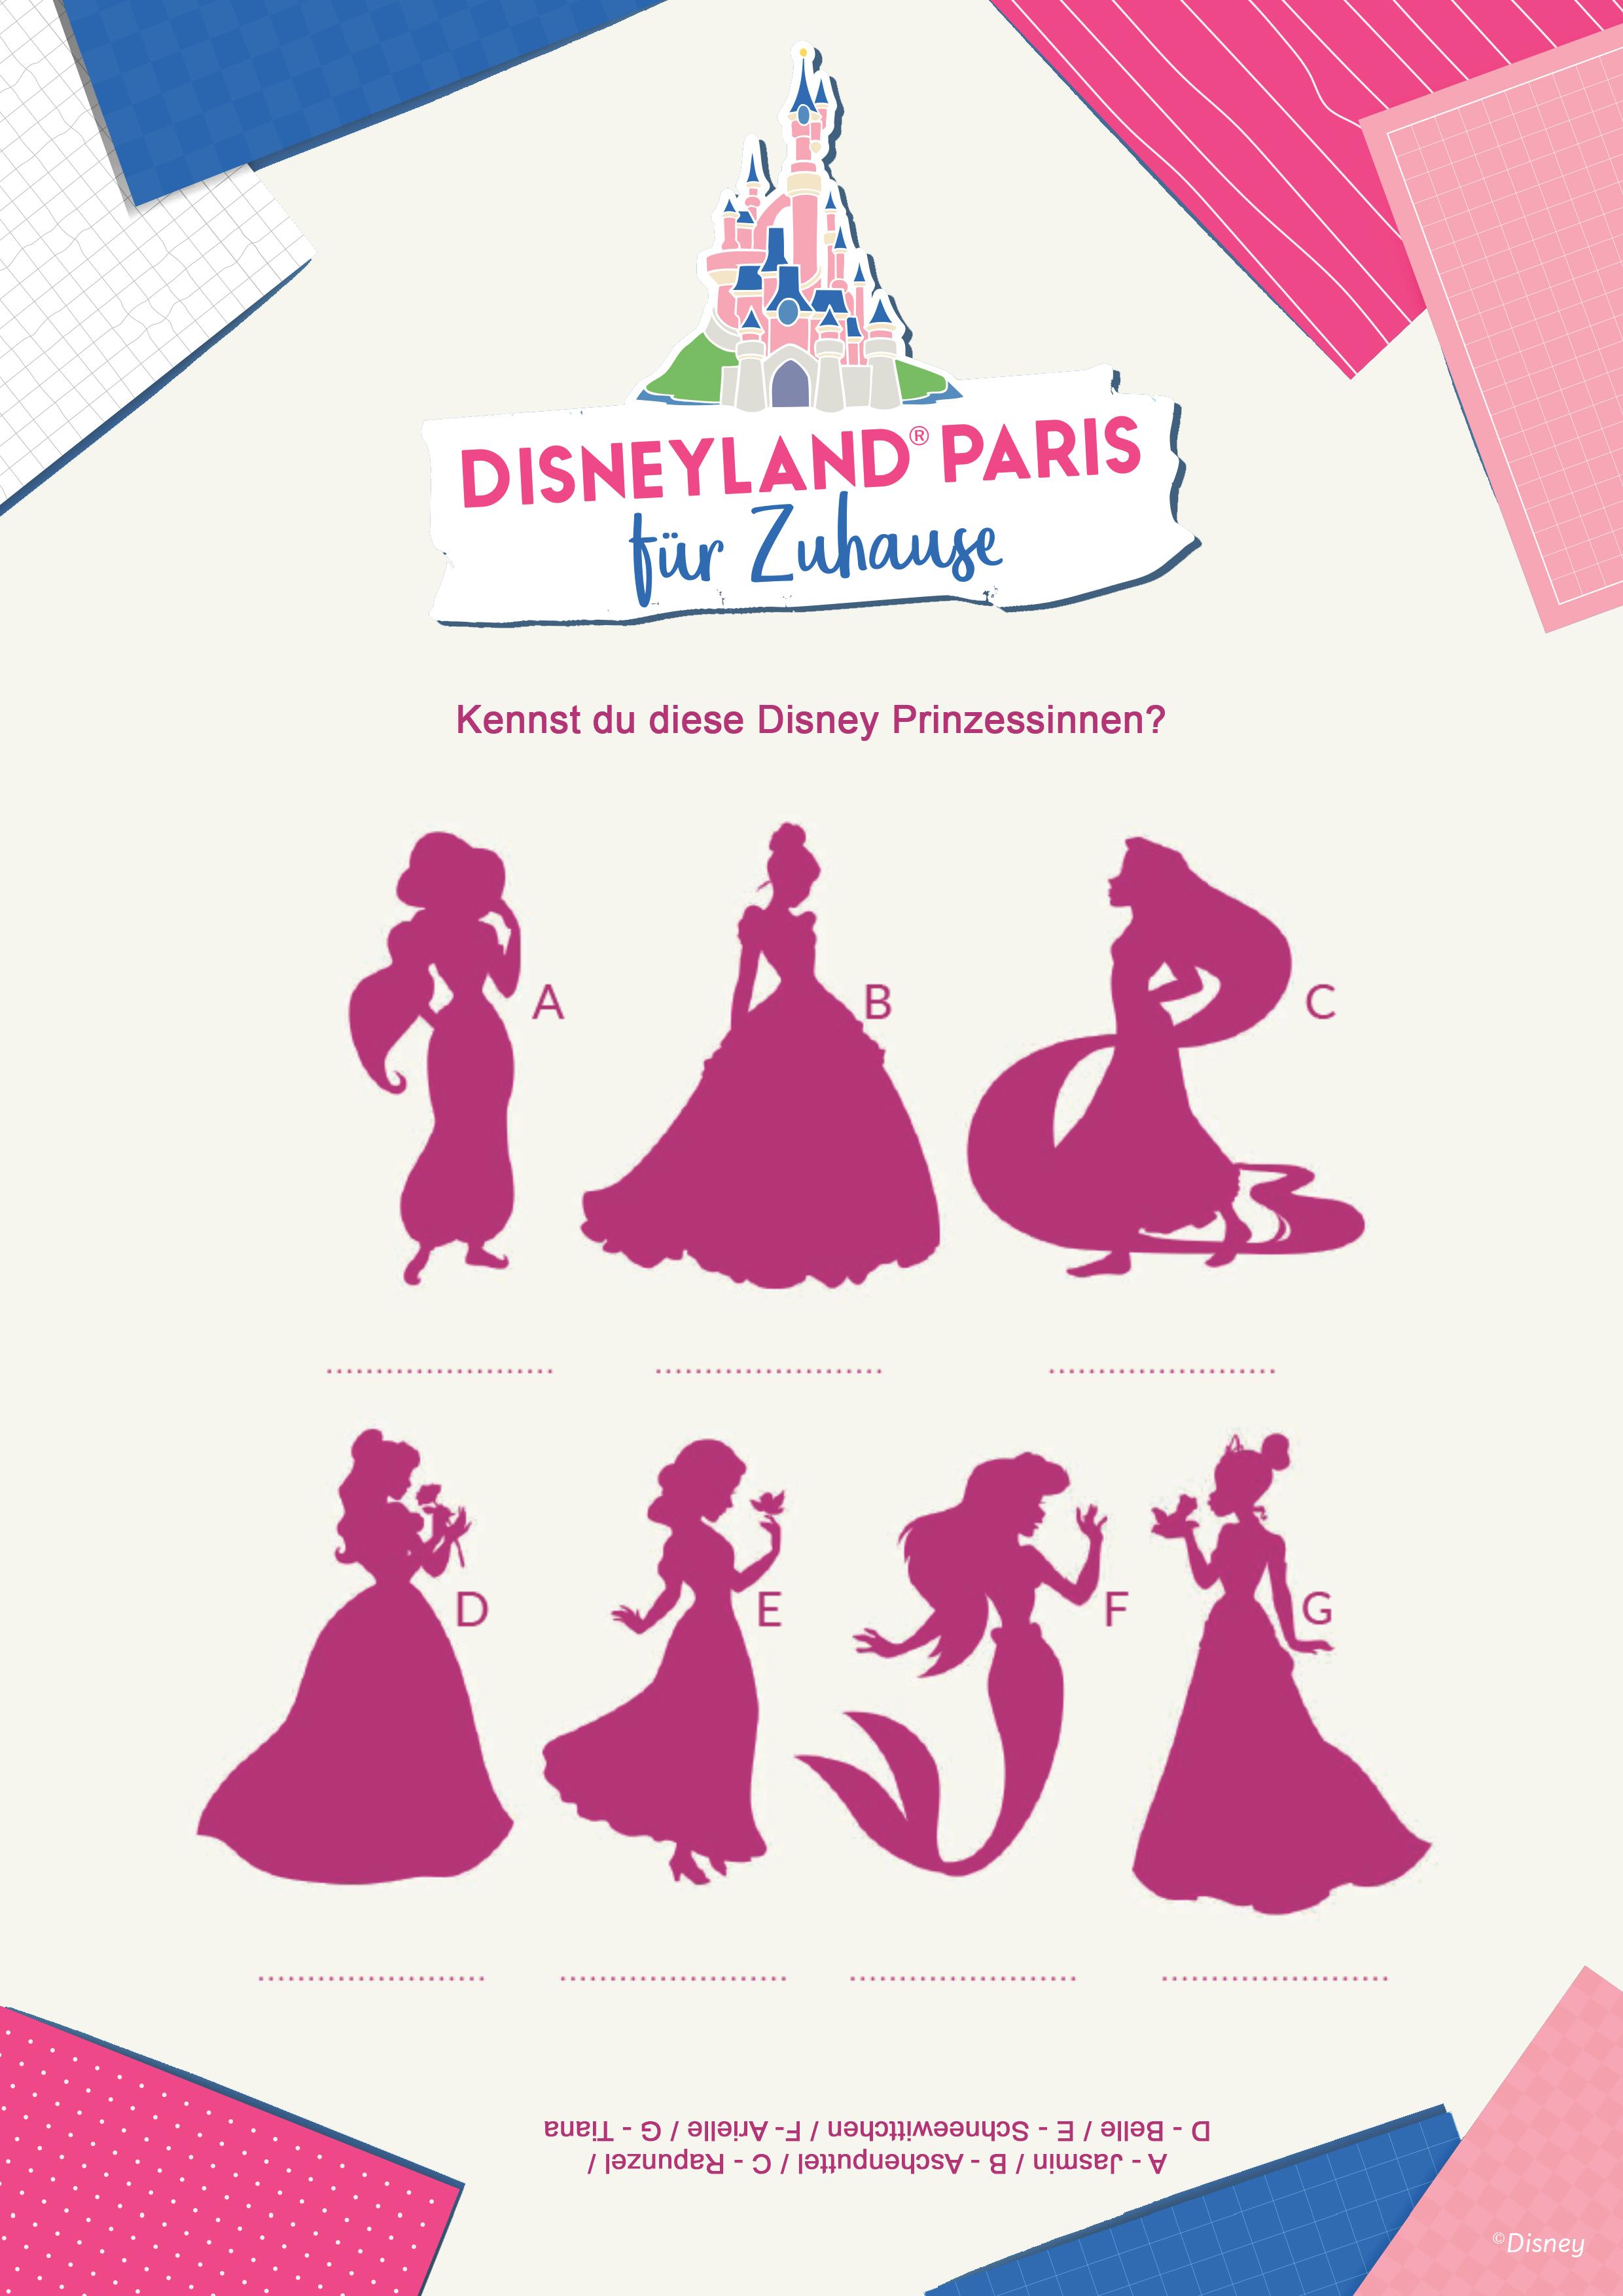 Kennst du diese Disney Prinzessinnen?